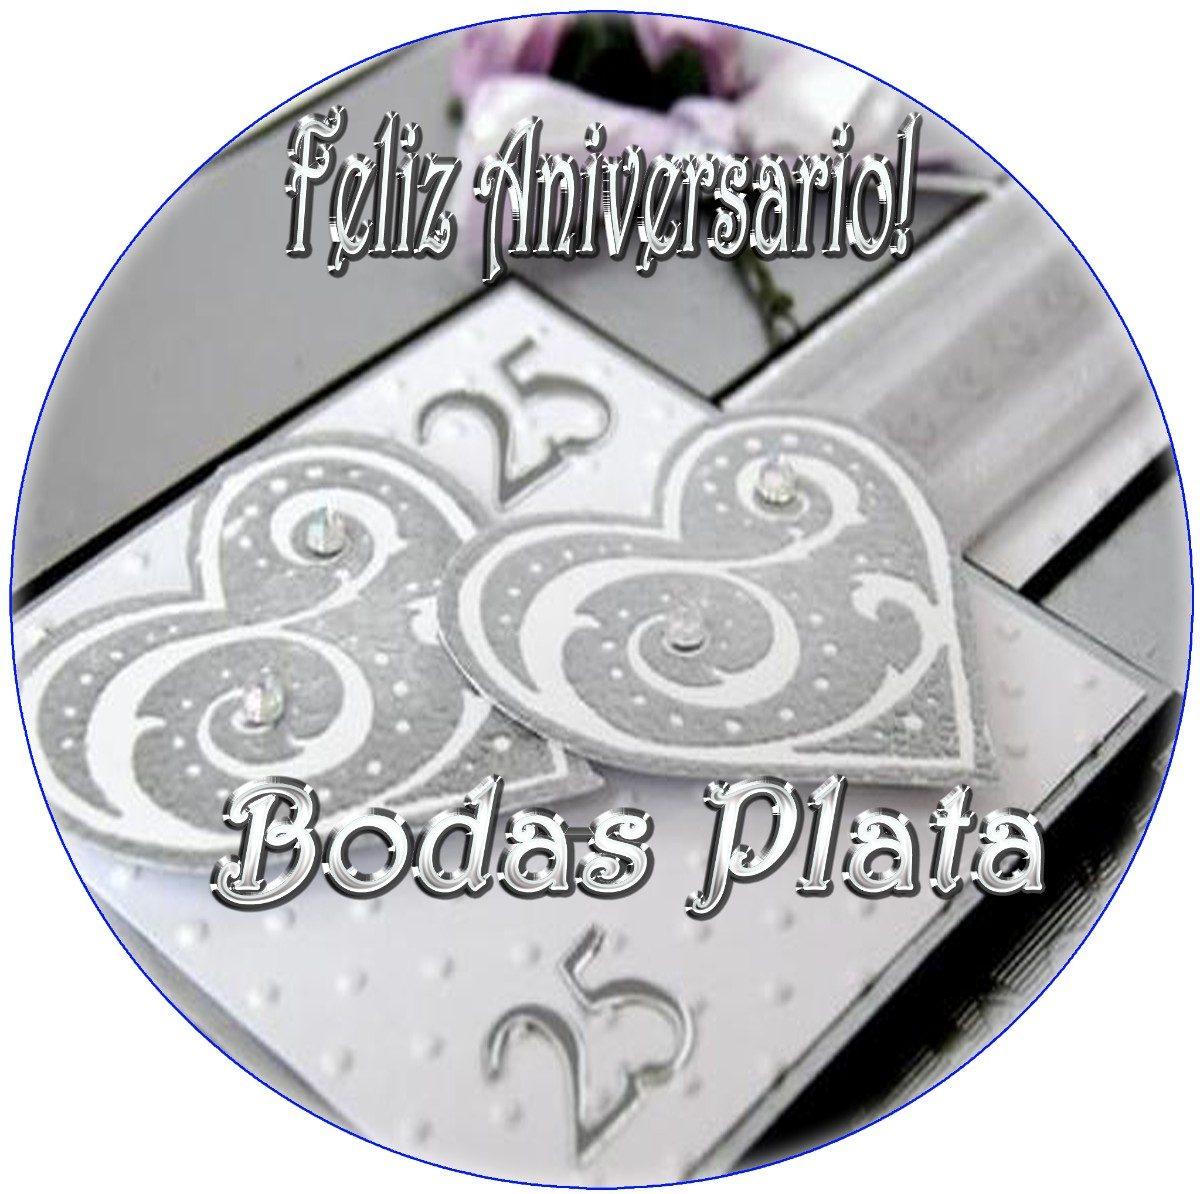 25 aniversario Bodas de plata